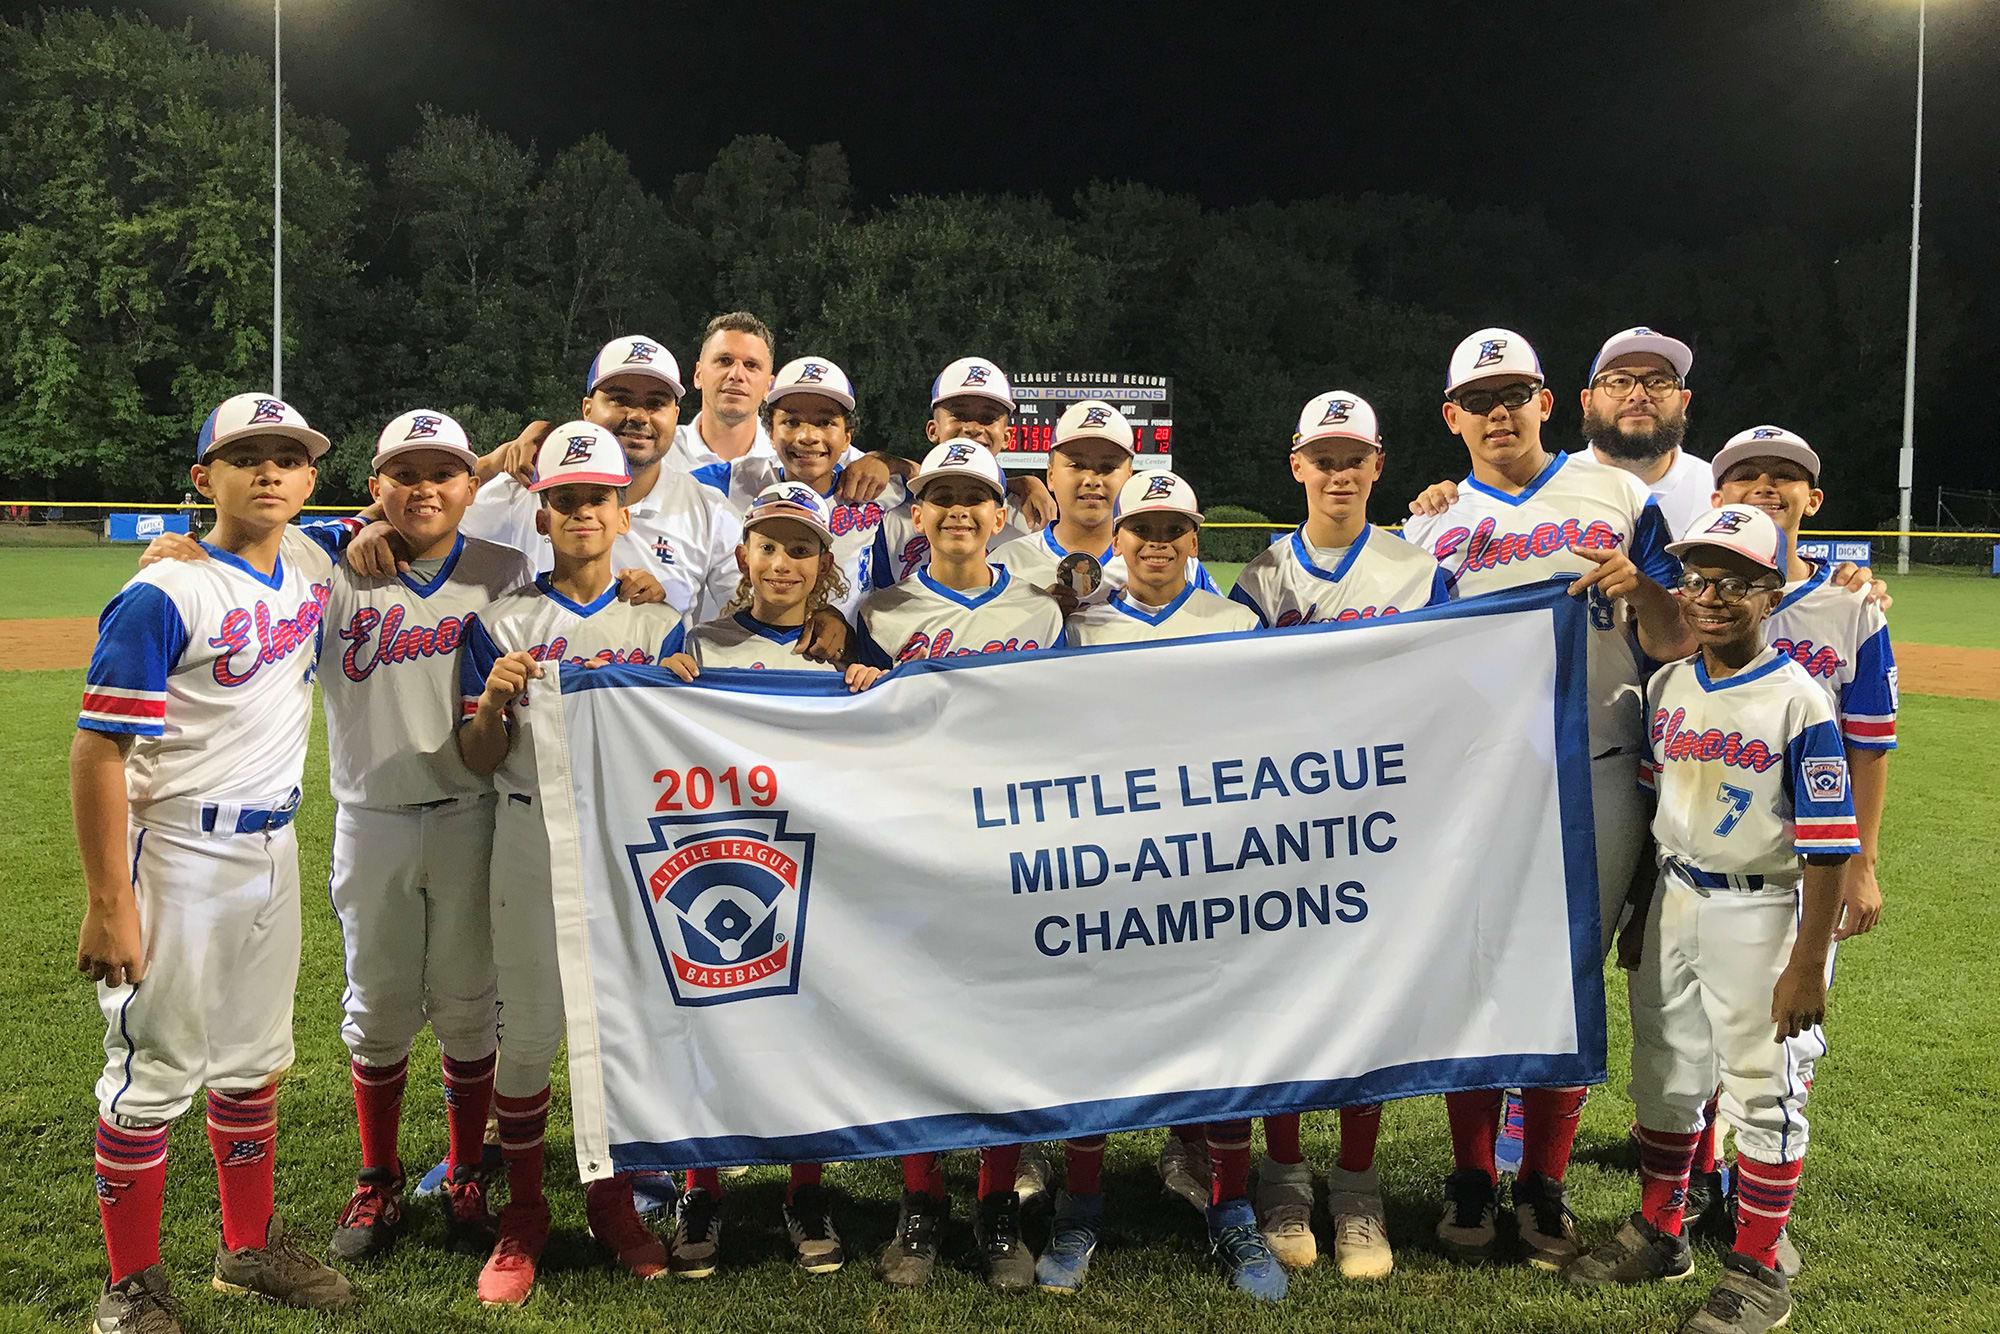 2019-llb-mid-atlantic-champs